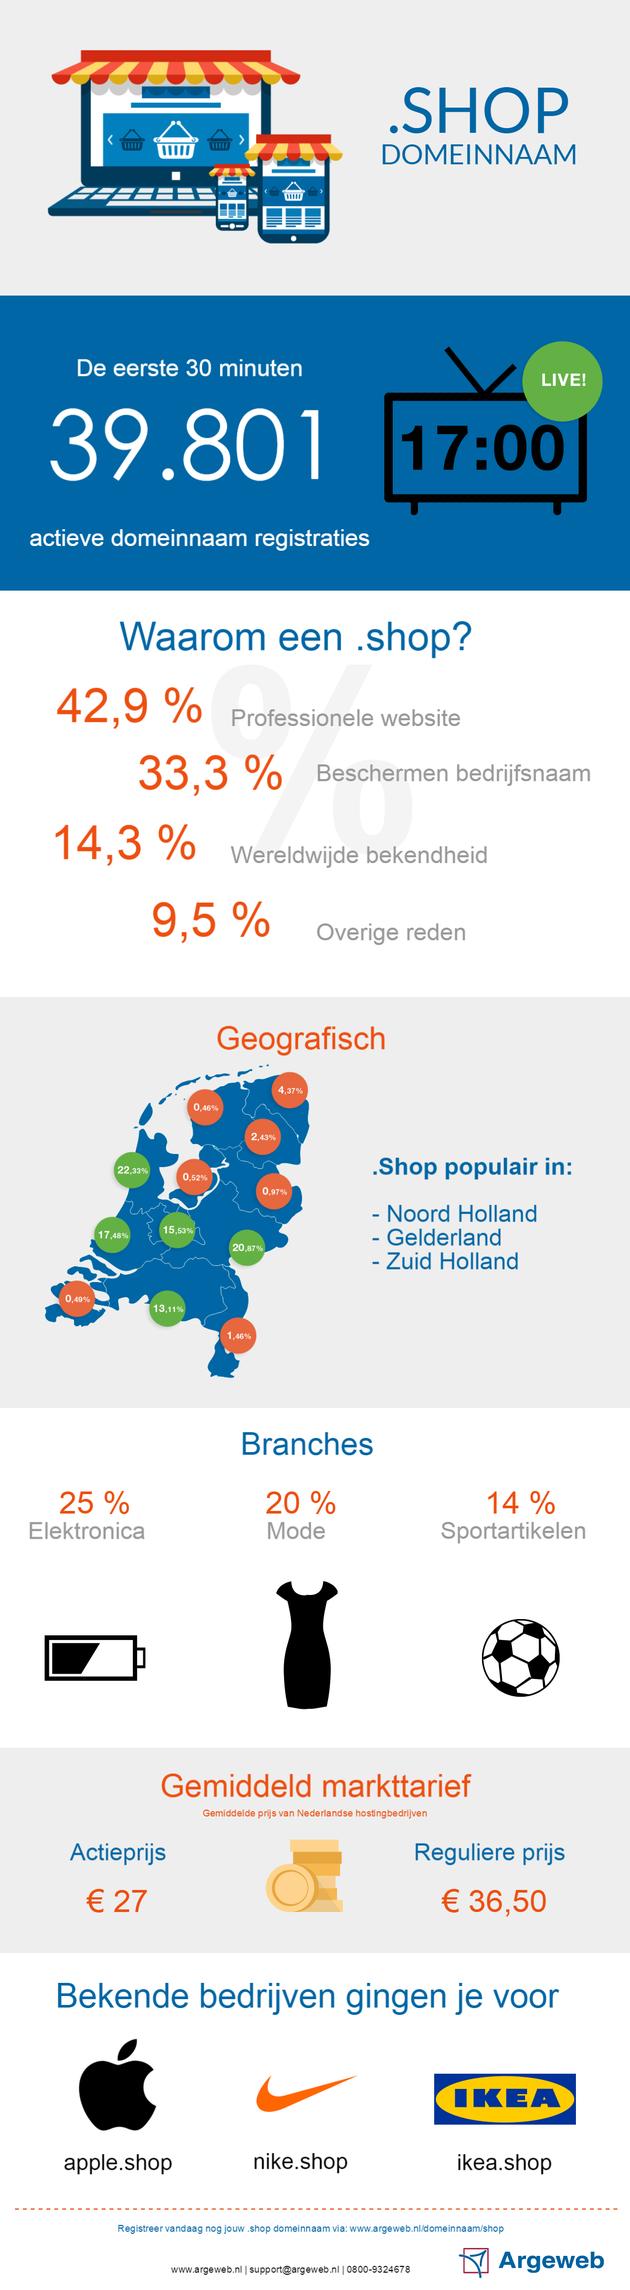 infographic_shop_domeinnaam